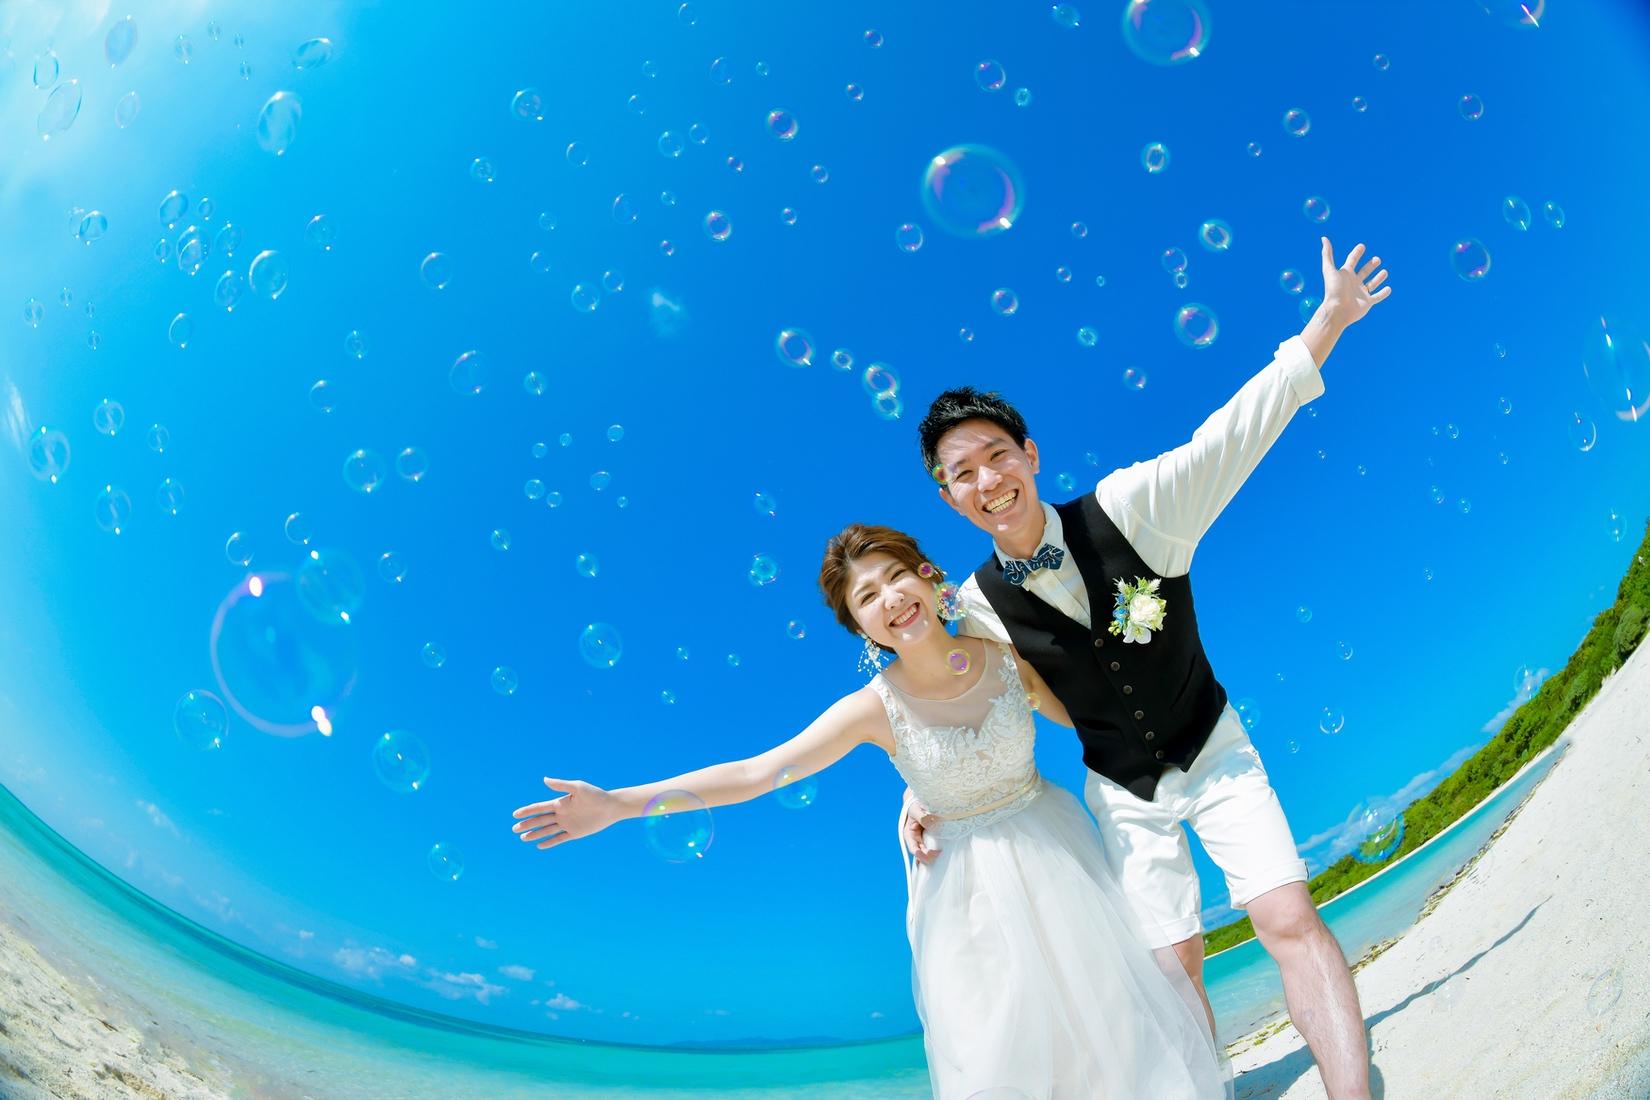 【お客様レポ#7】石垣在住のH&S様は竹富島+サンセットで1日フォトウェディング♡